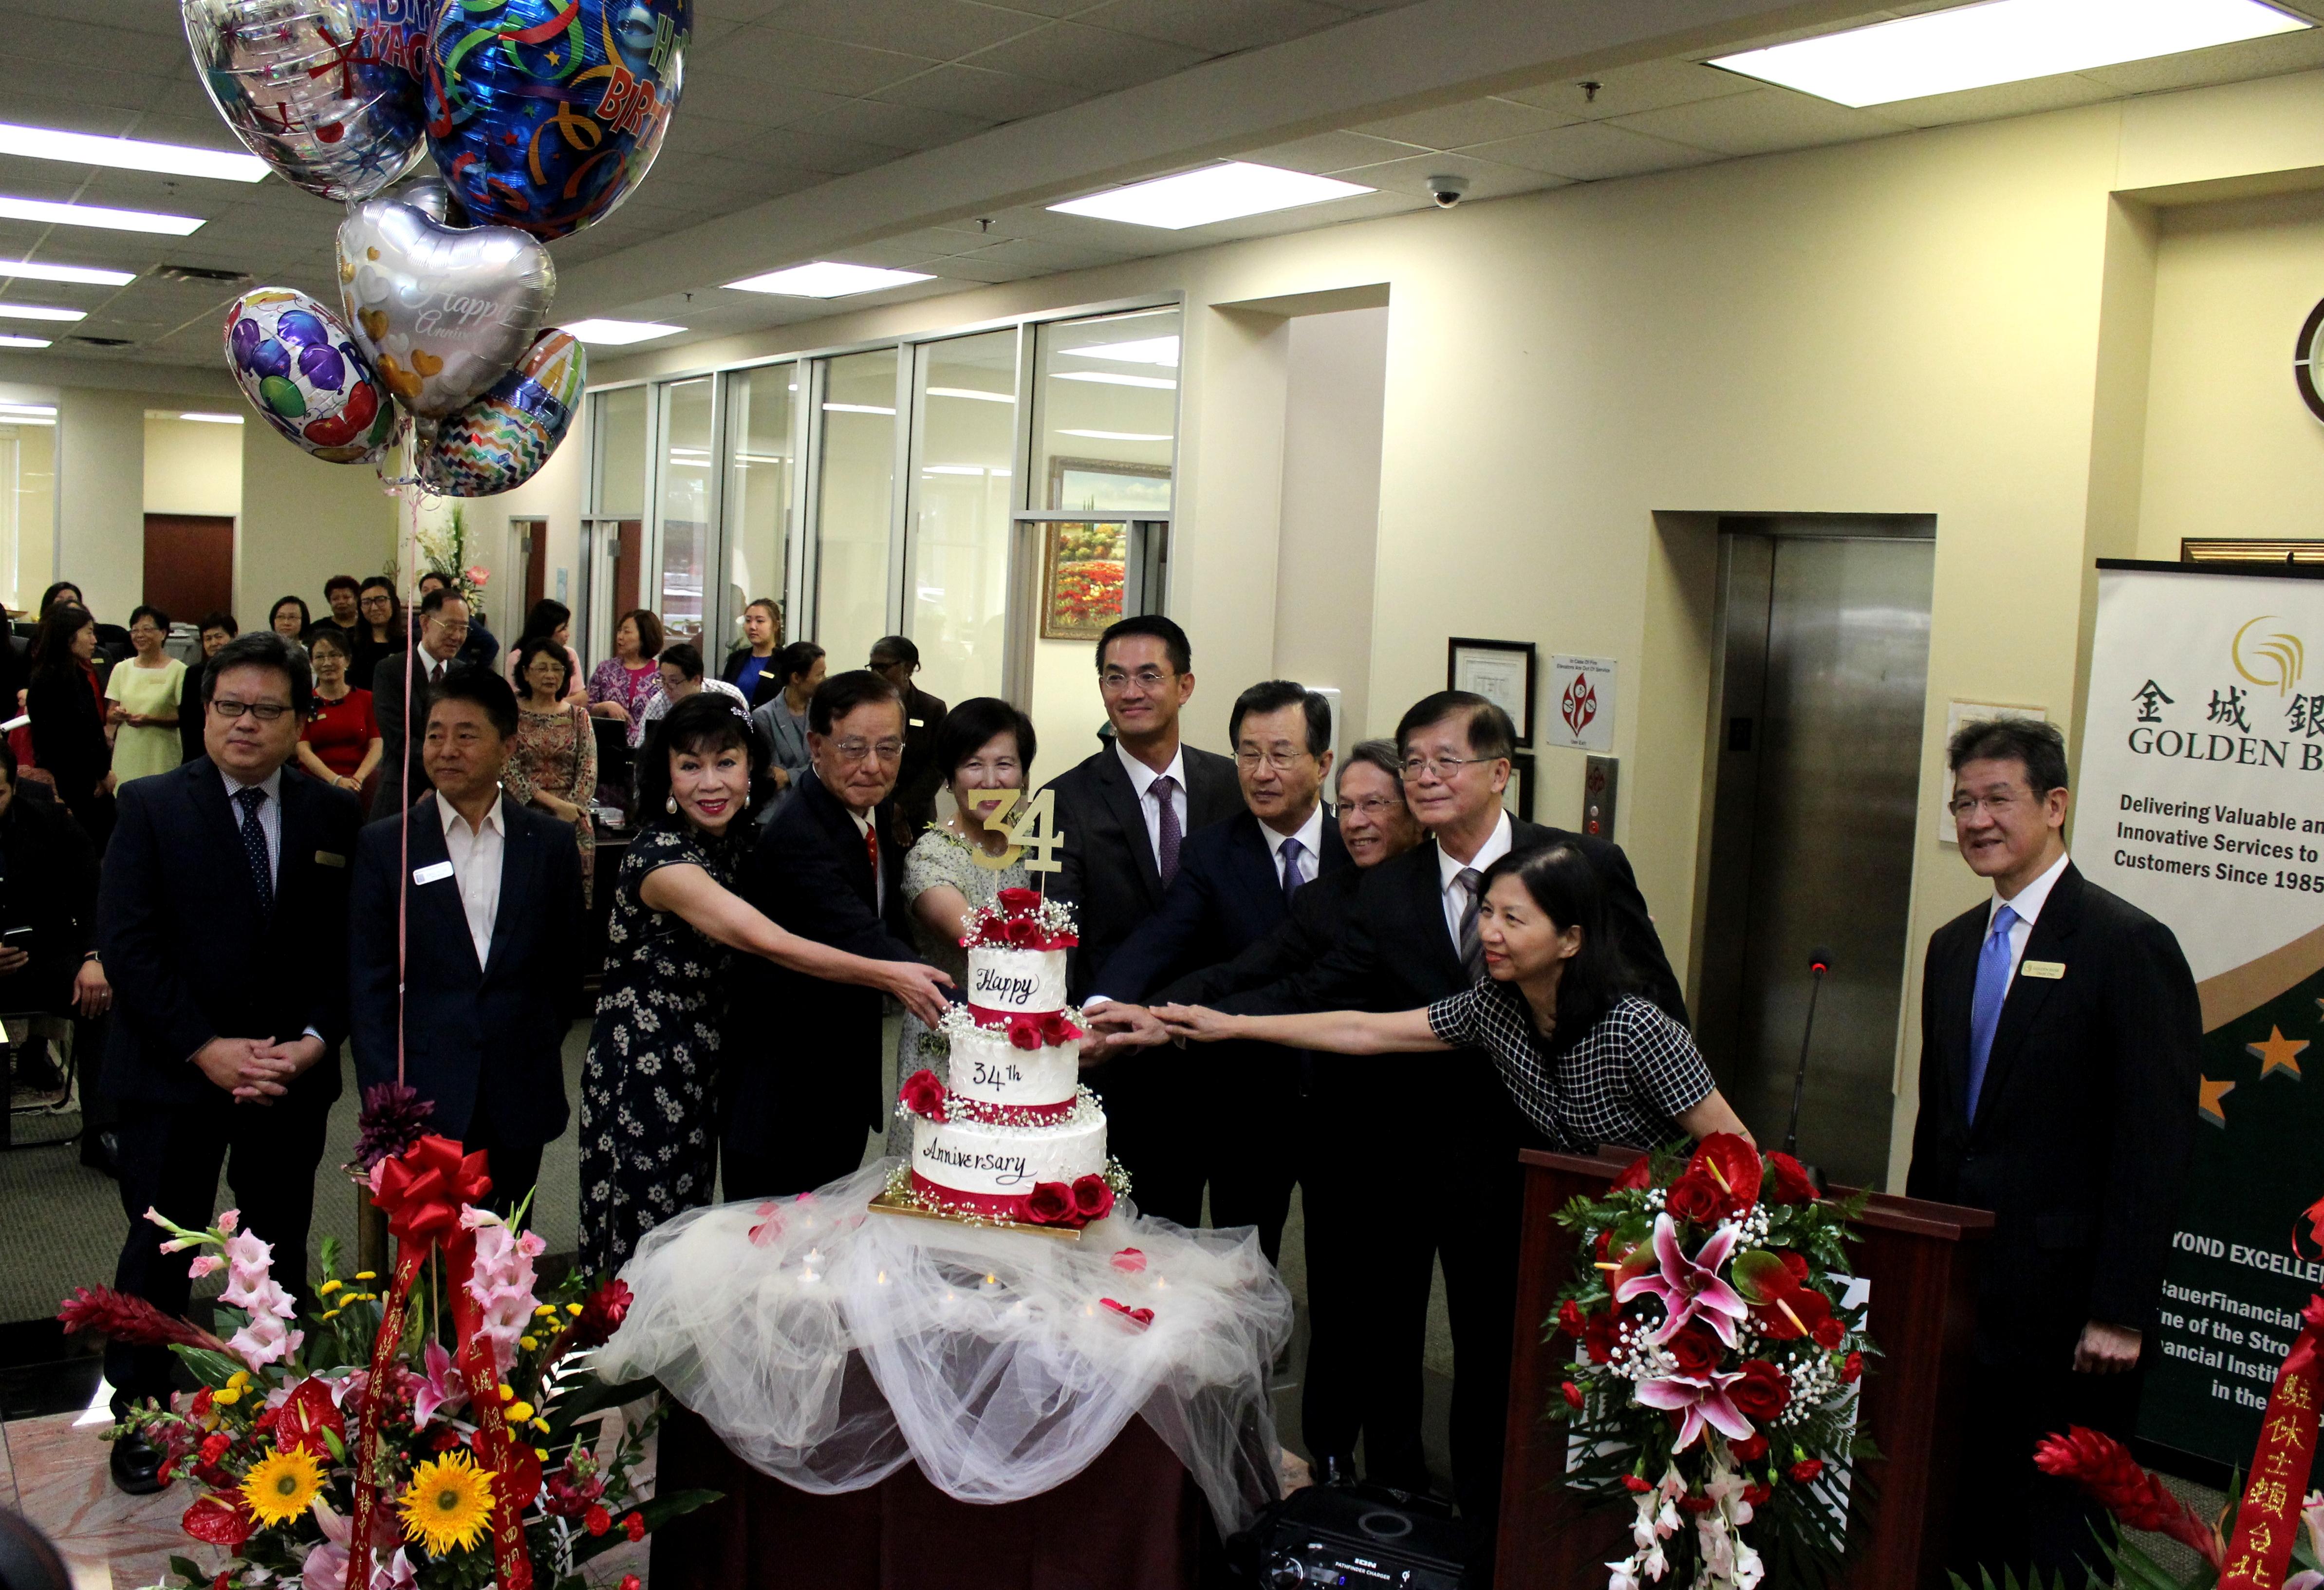 金城銀行34周年慶嘉賓和董事團隊啟動健康日及冬衣捐贈儀式。(記者盧淑君/攝影)